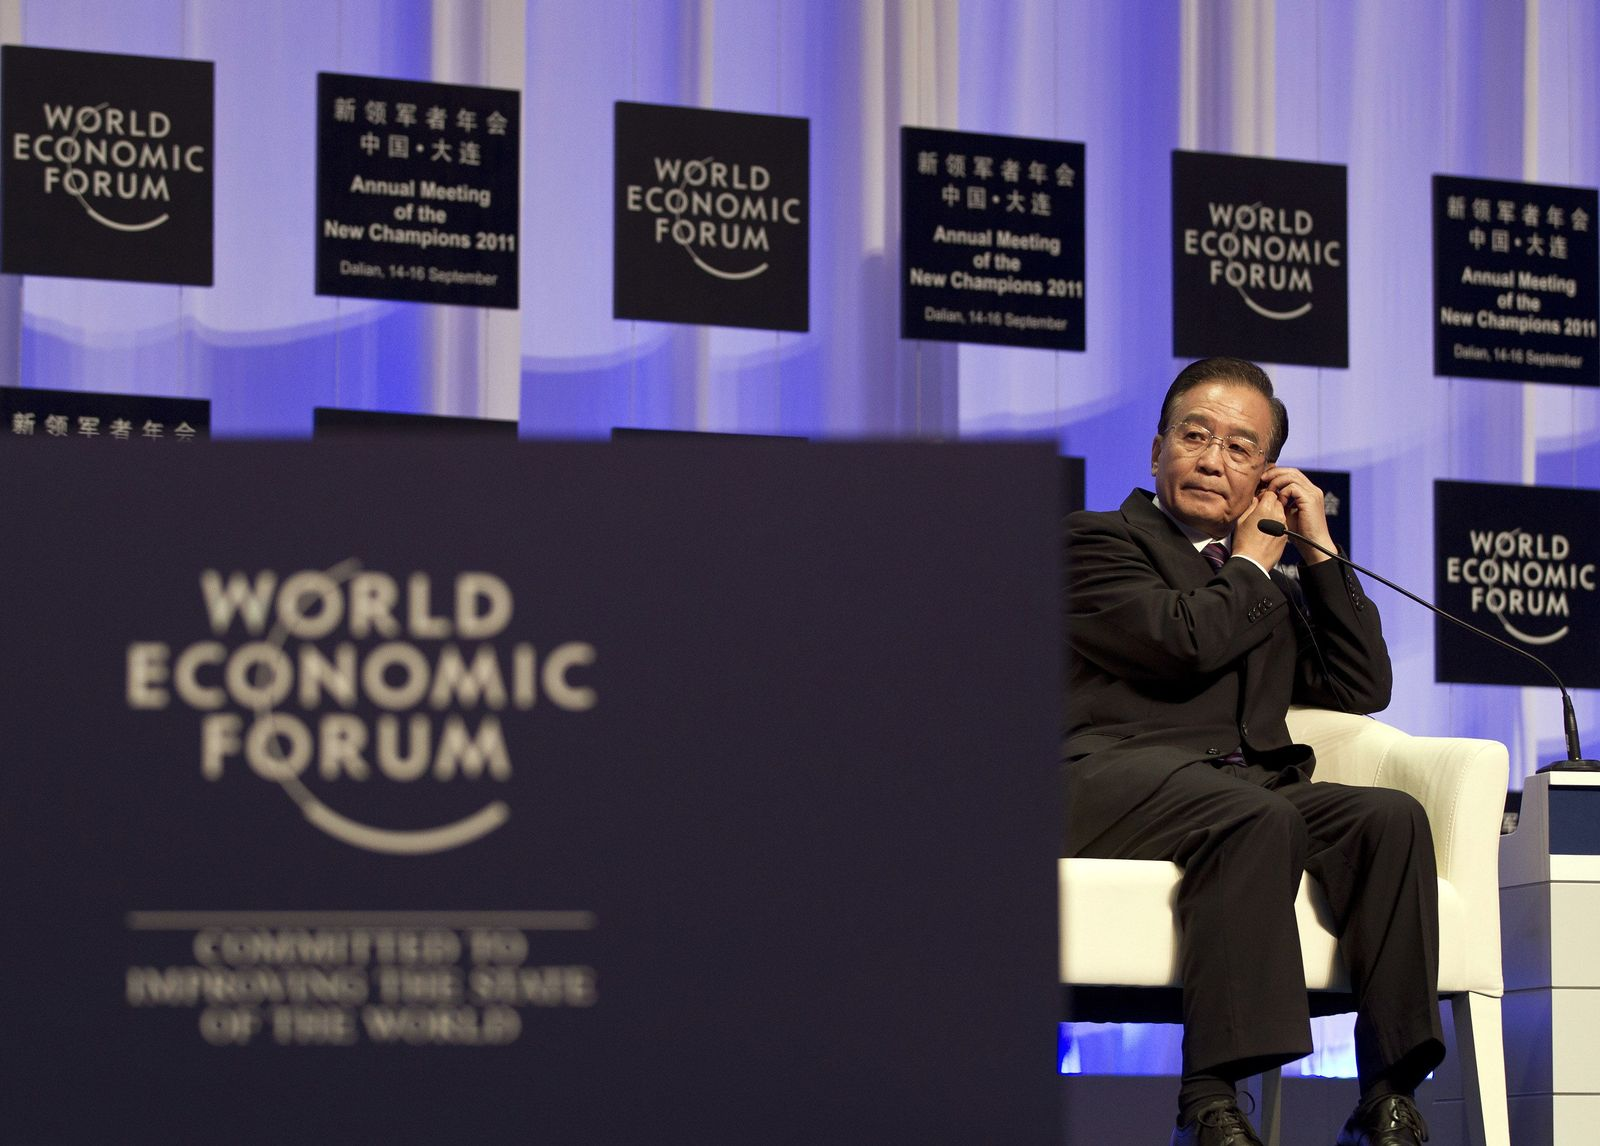 China Economy Wen Jiabao